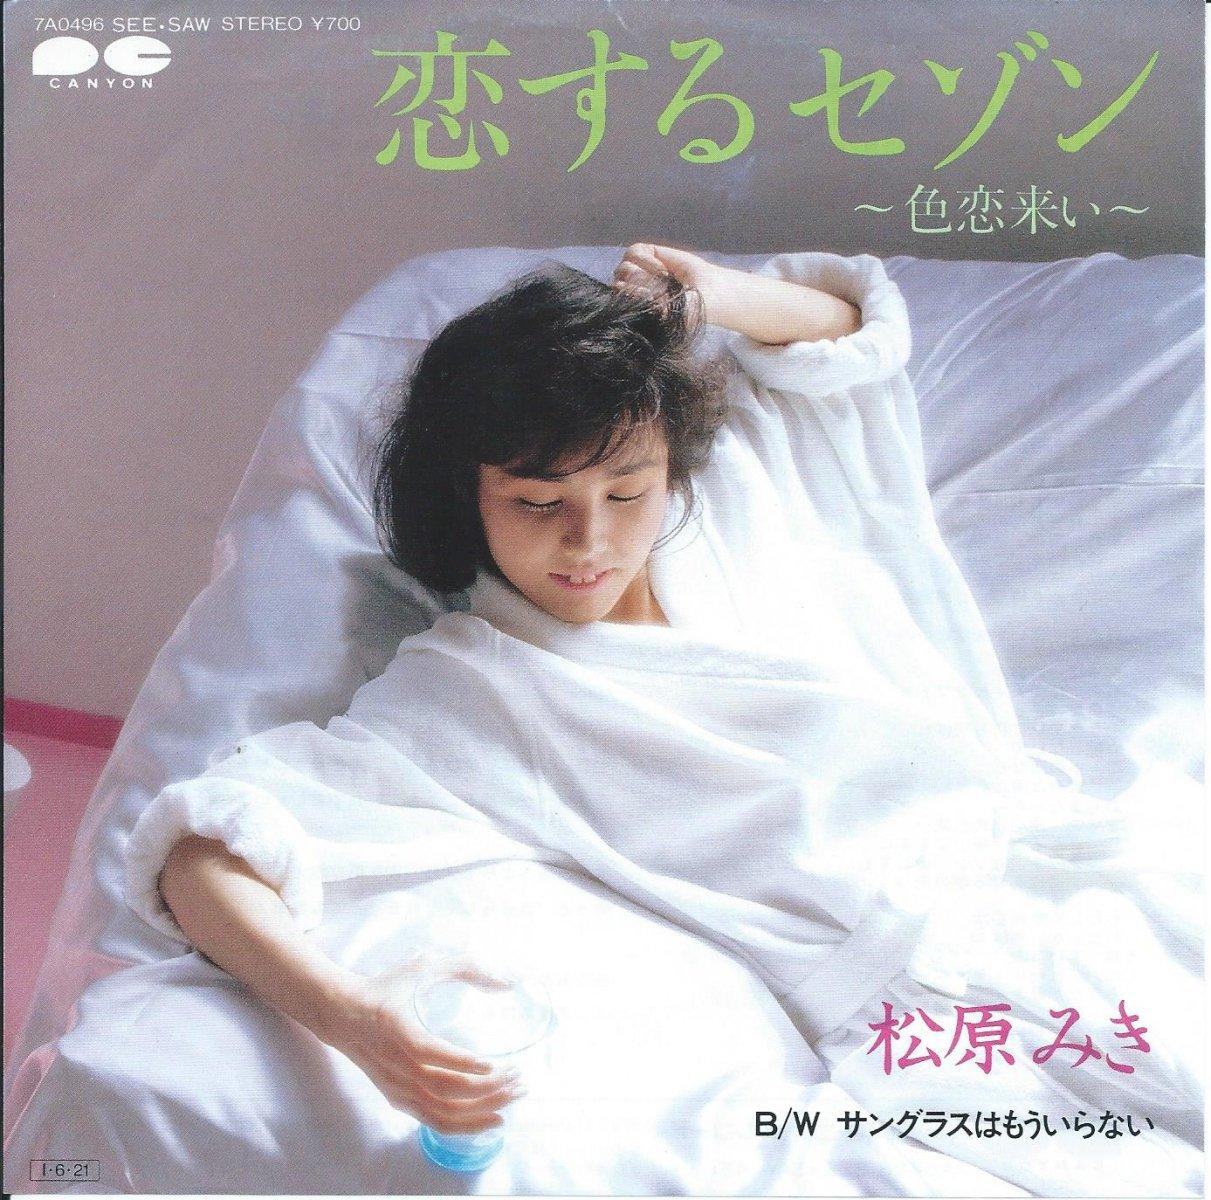 松原みき MIKI MATSUBARA / 恋するセゾン 〜色恋来い〜 / サングラスはもういらない (7